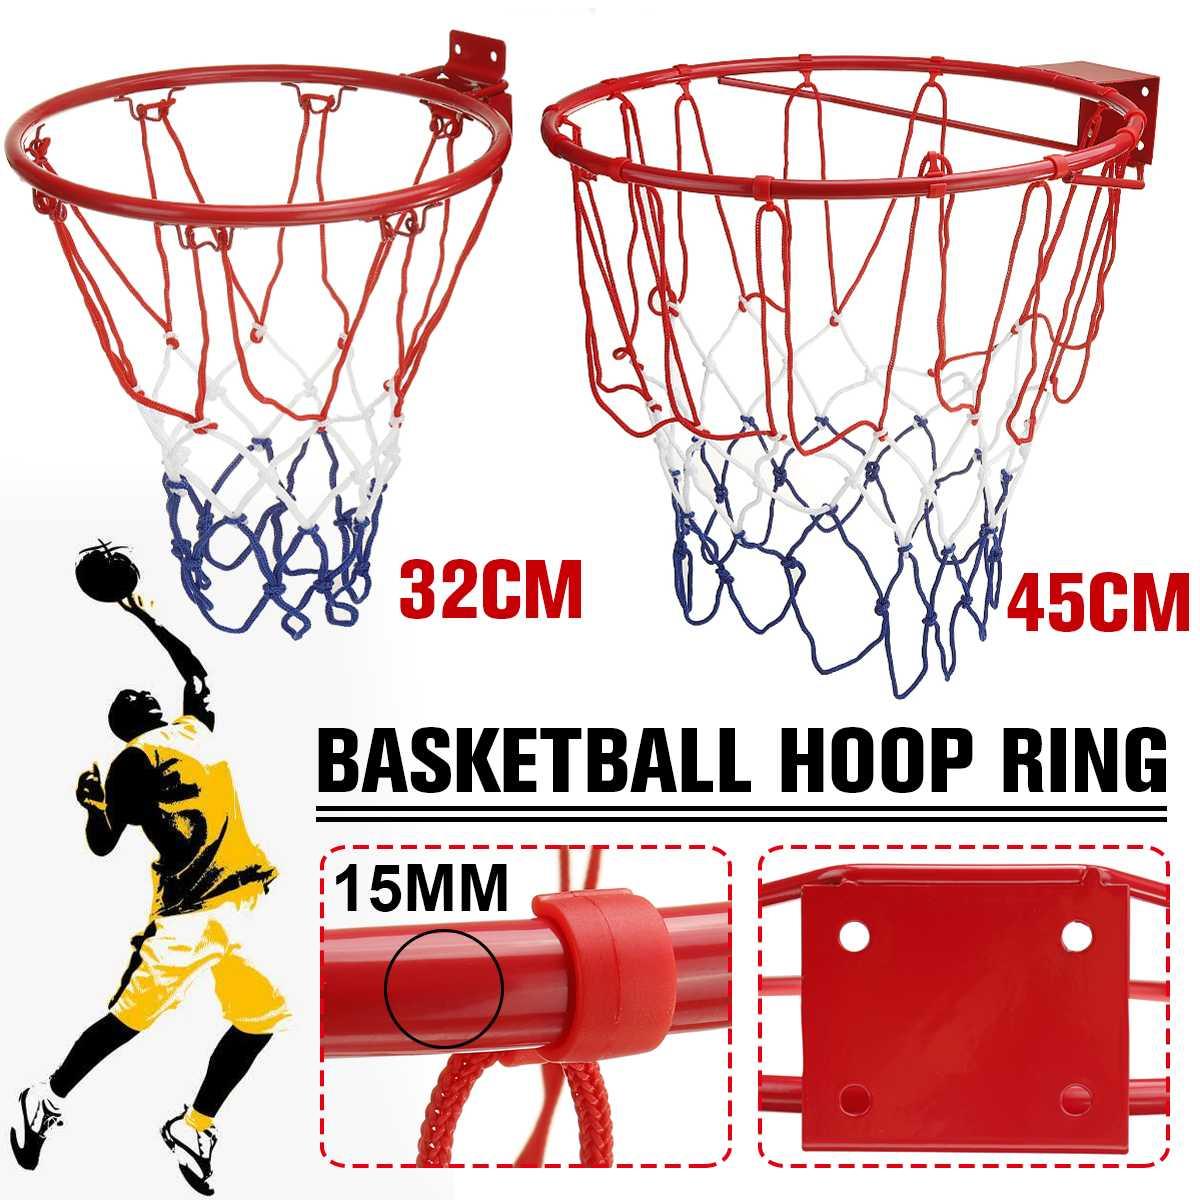 32 см/45 см стальное кольцо для баскетбола для детей и взрослых с винтами, настенная баскетбольная сетка для занятий спортом на открытом возду...